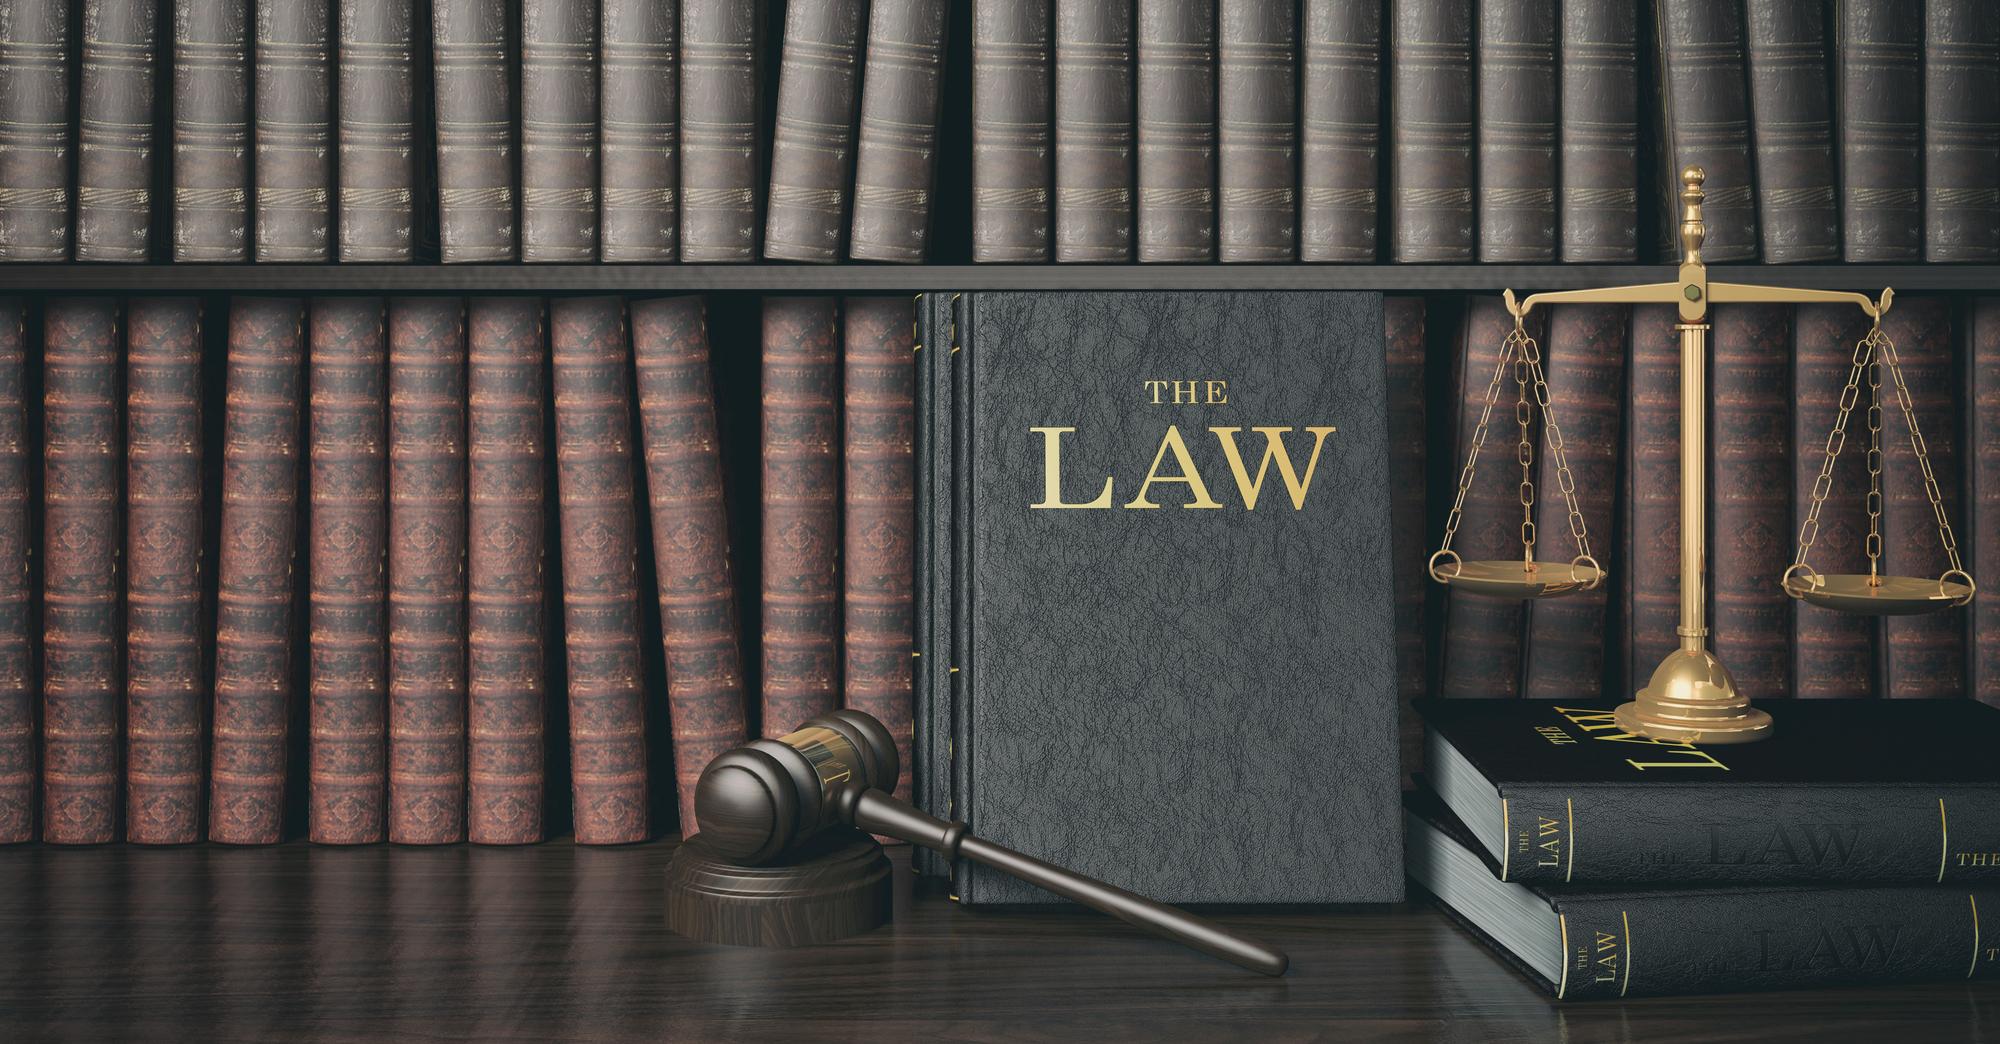 風評被害の影響を守るため、弁護士に依頼